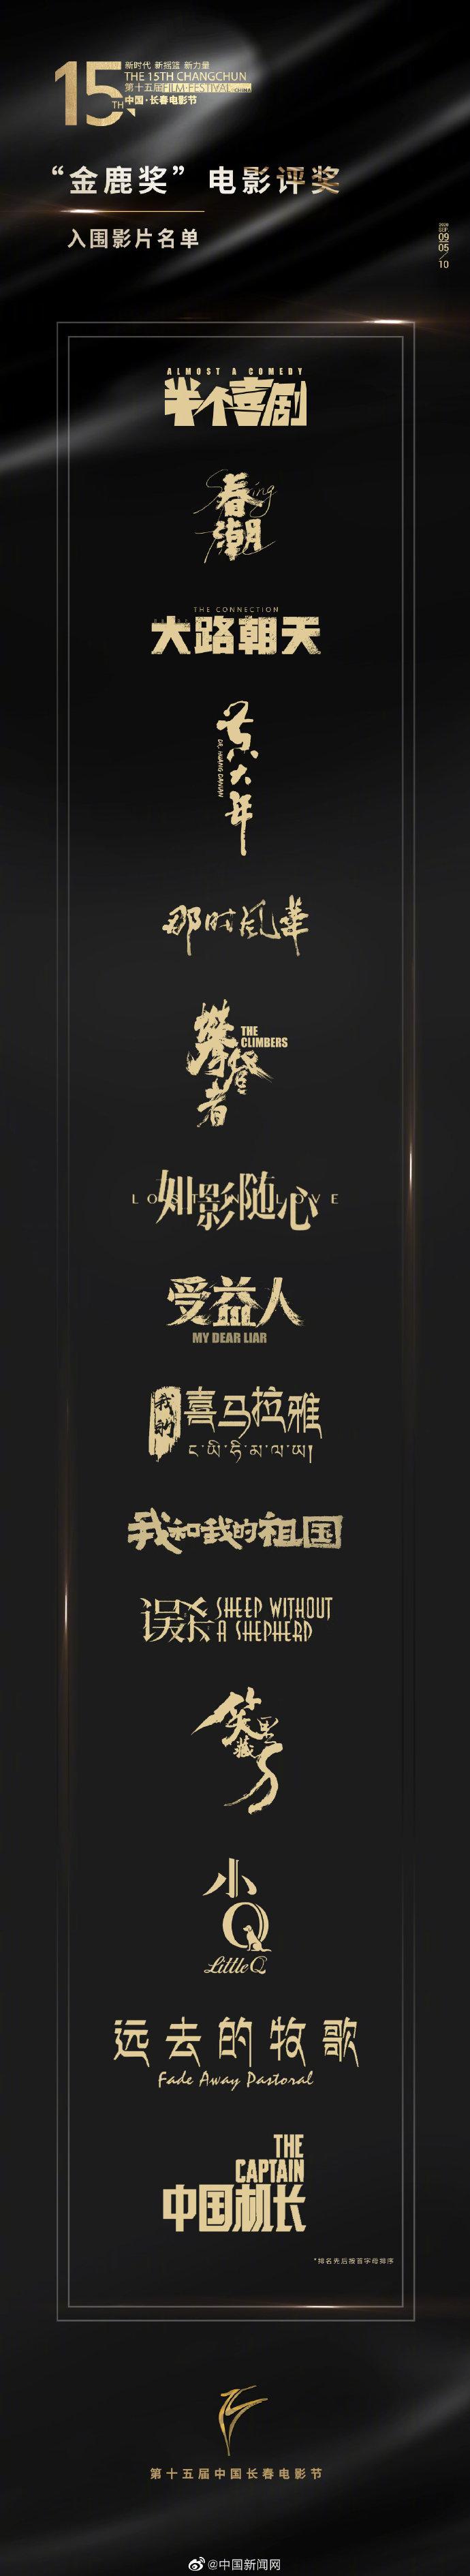 第十五届长春电影节入围影片公布